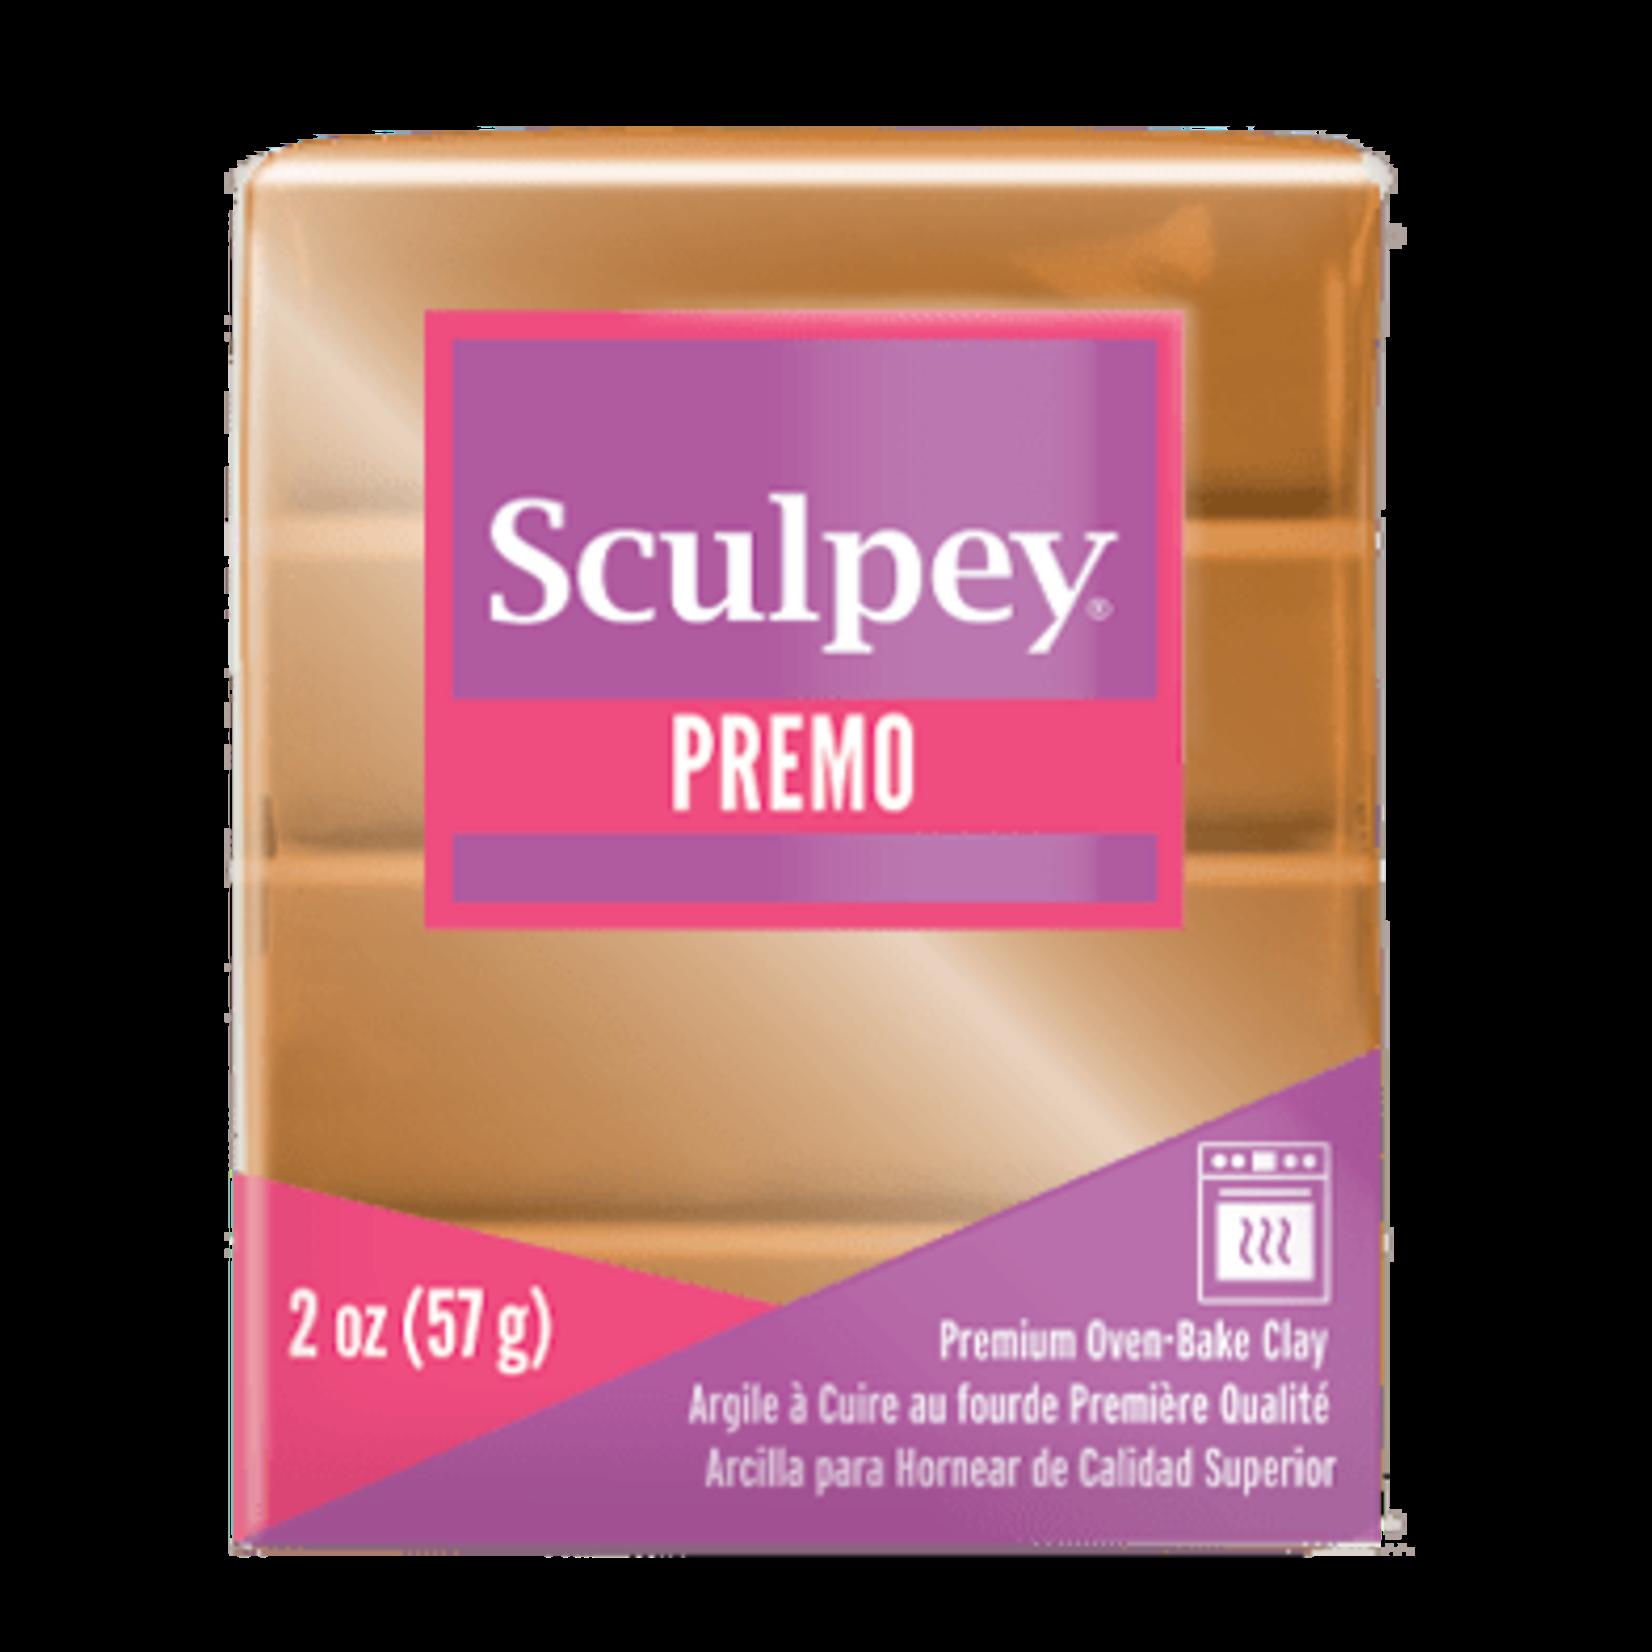 Sculpey Sculpey Premo   -- Gold